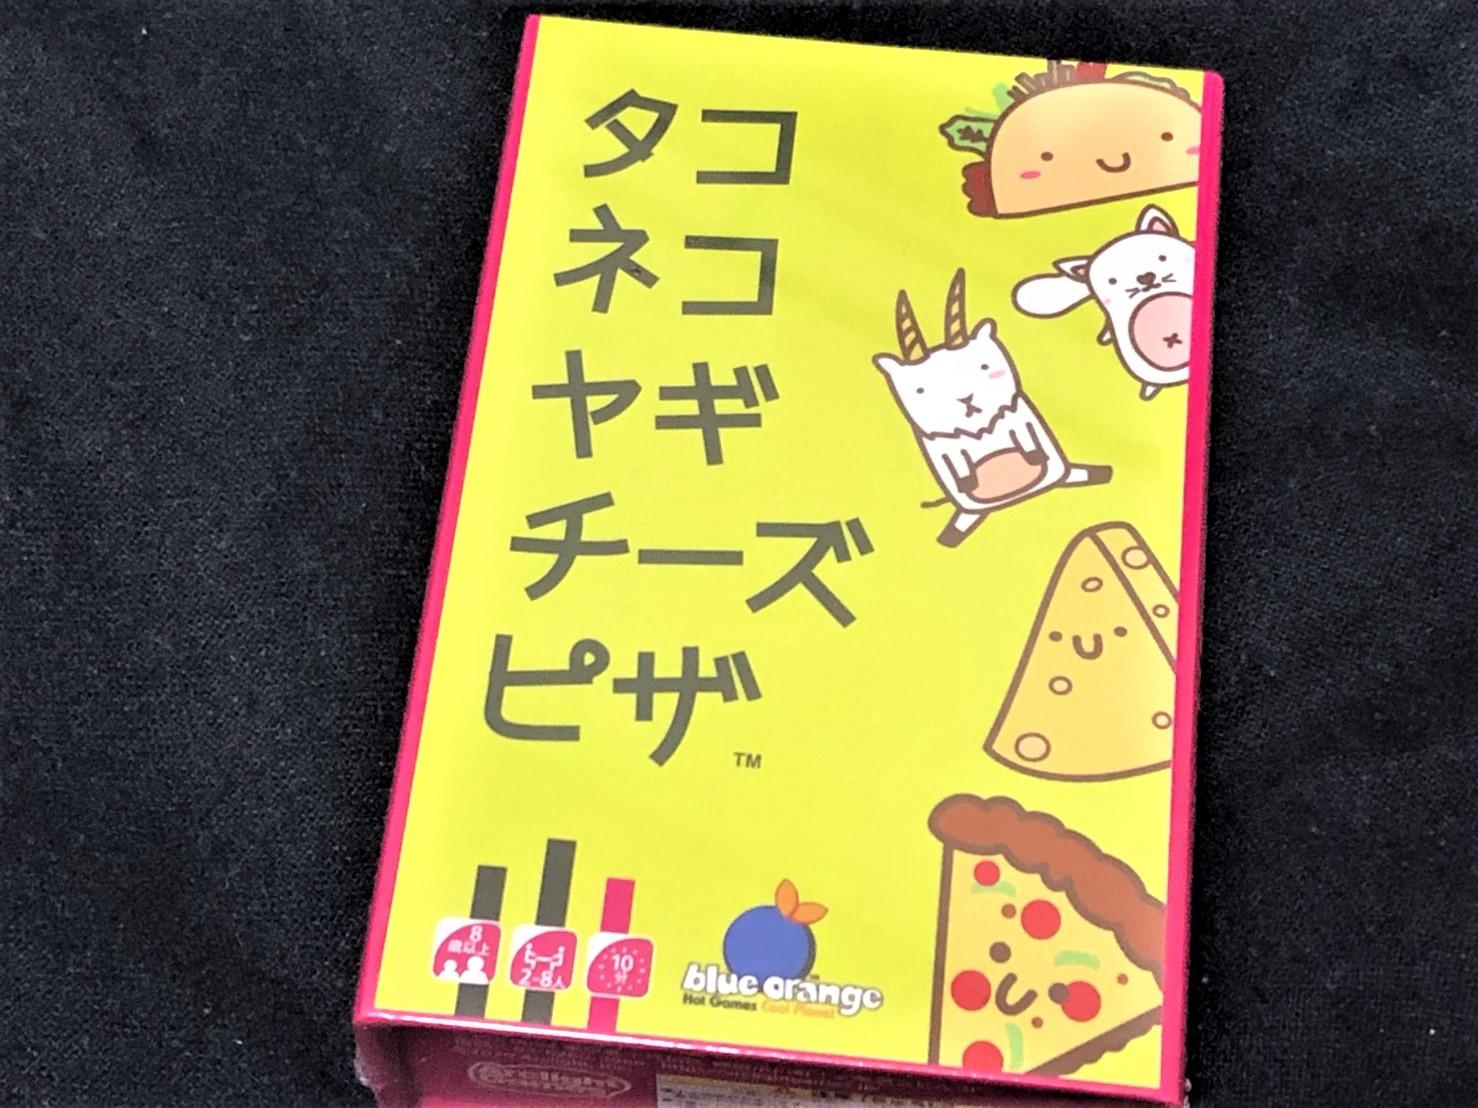 「タコ ネコ ヤギ チーズ ピザ」のボックスアート